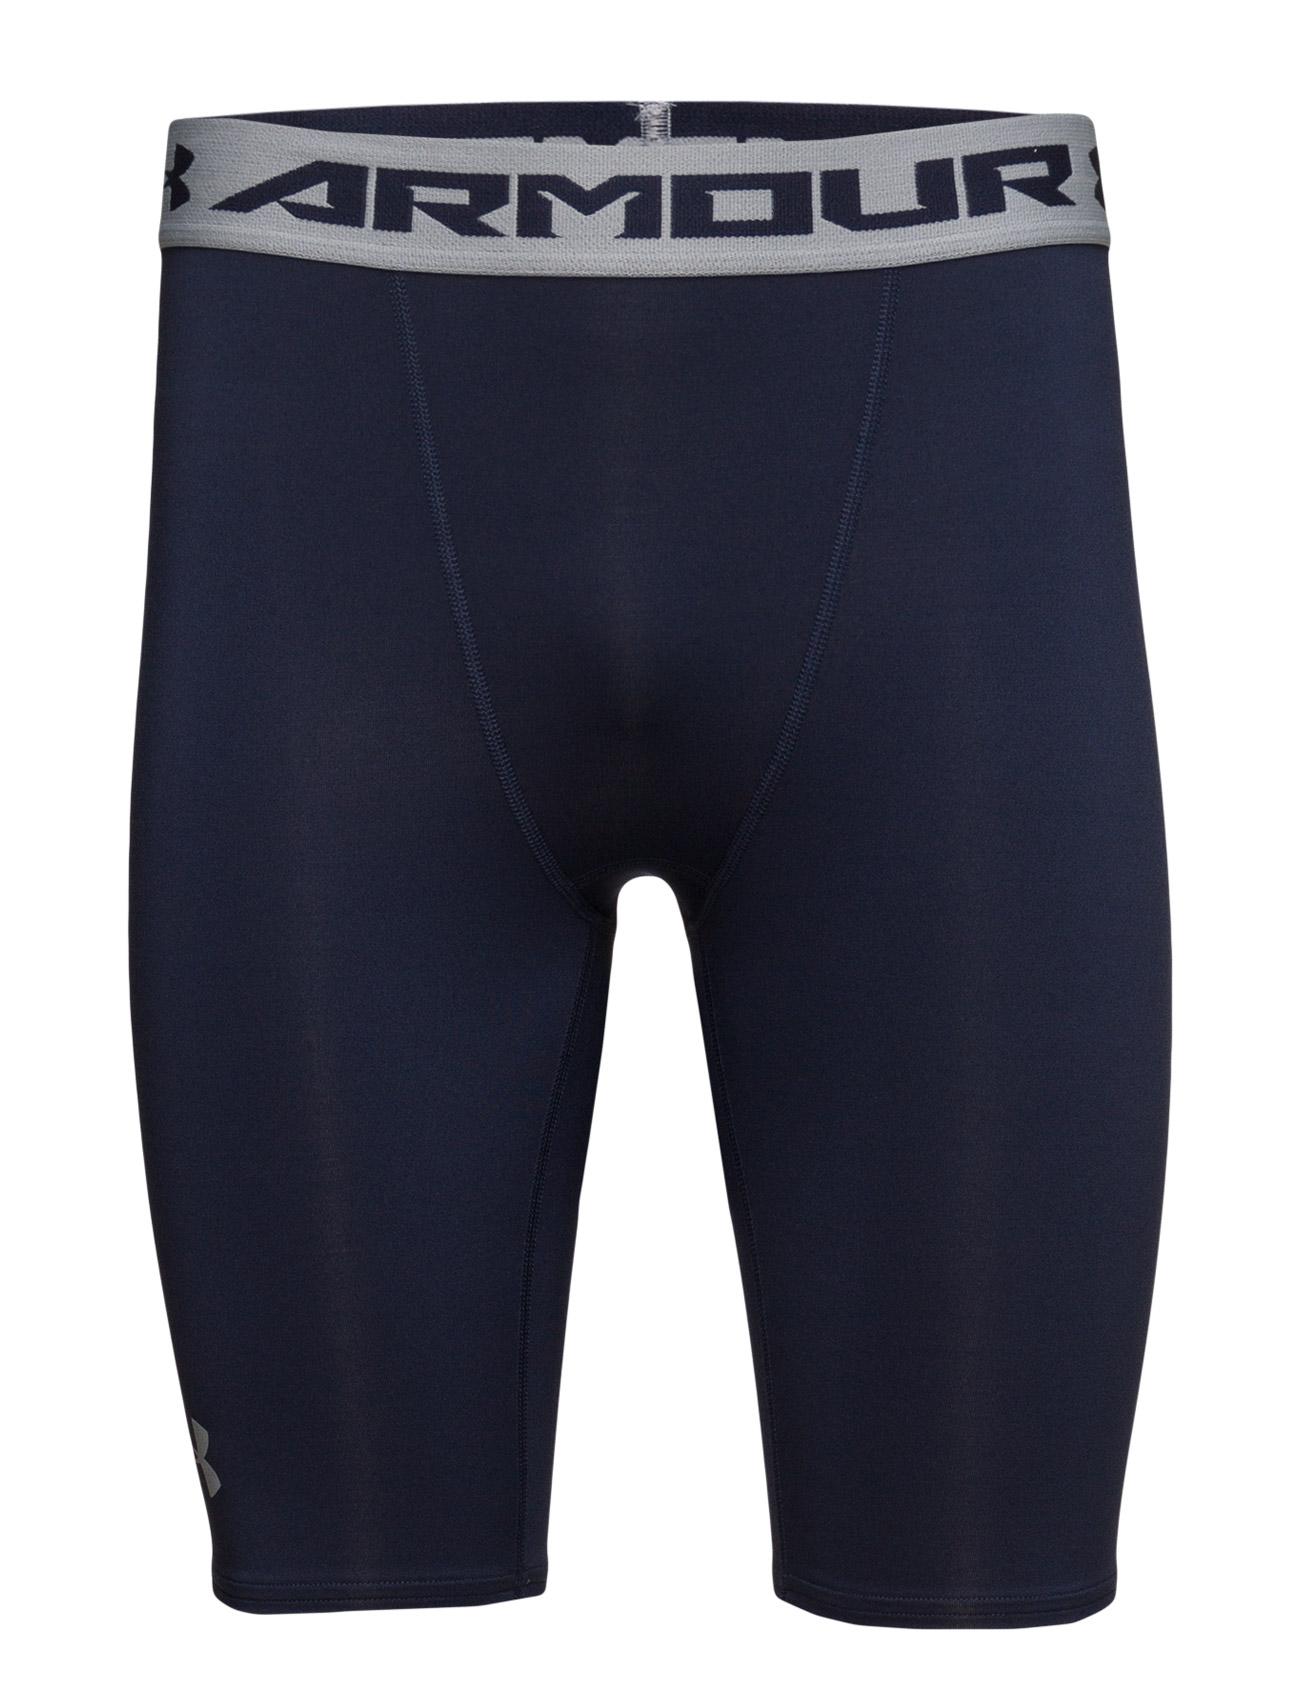 Armour Hg Long Comp Short Under Armour Træningsshorts til Mænd i hvid